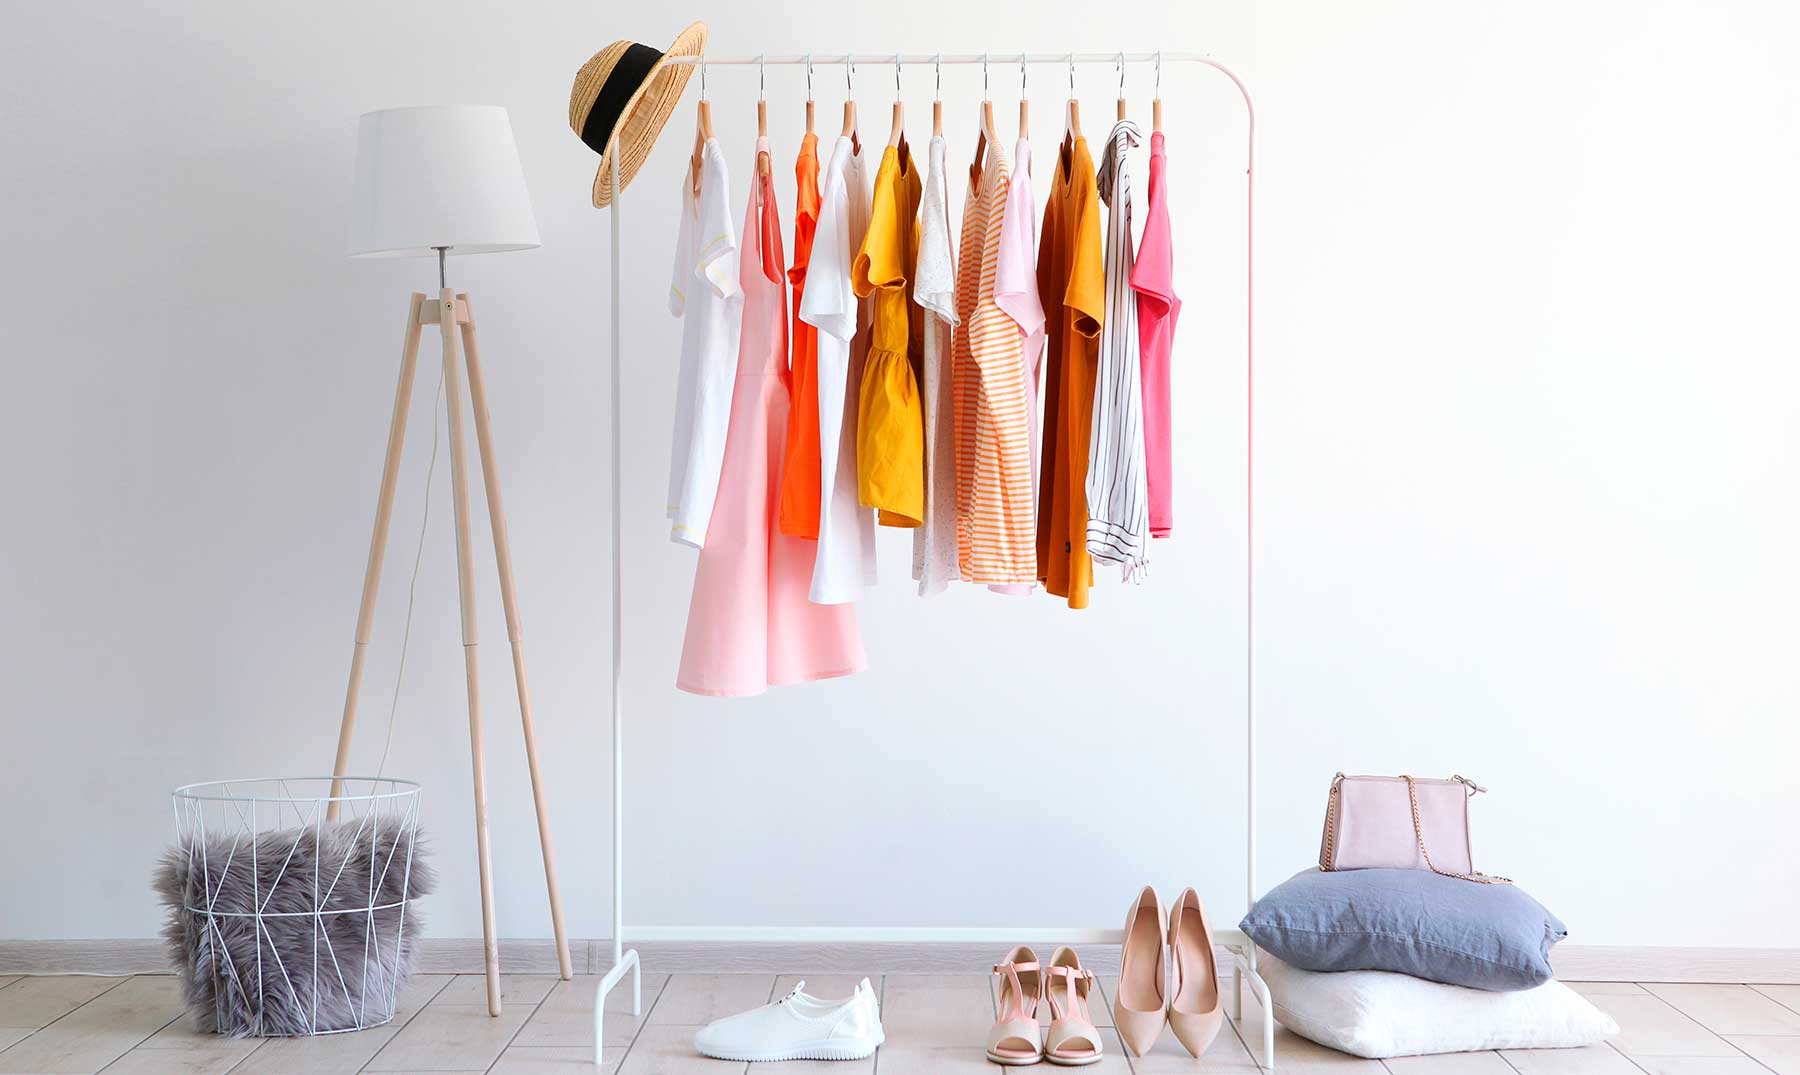 ropa colgada expuesta en un cuarto